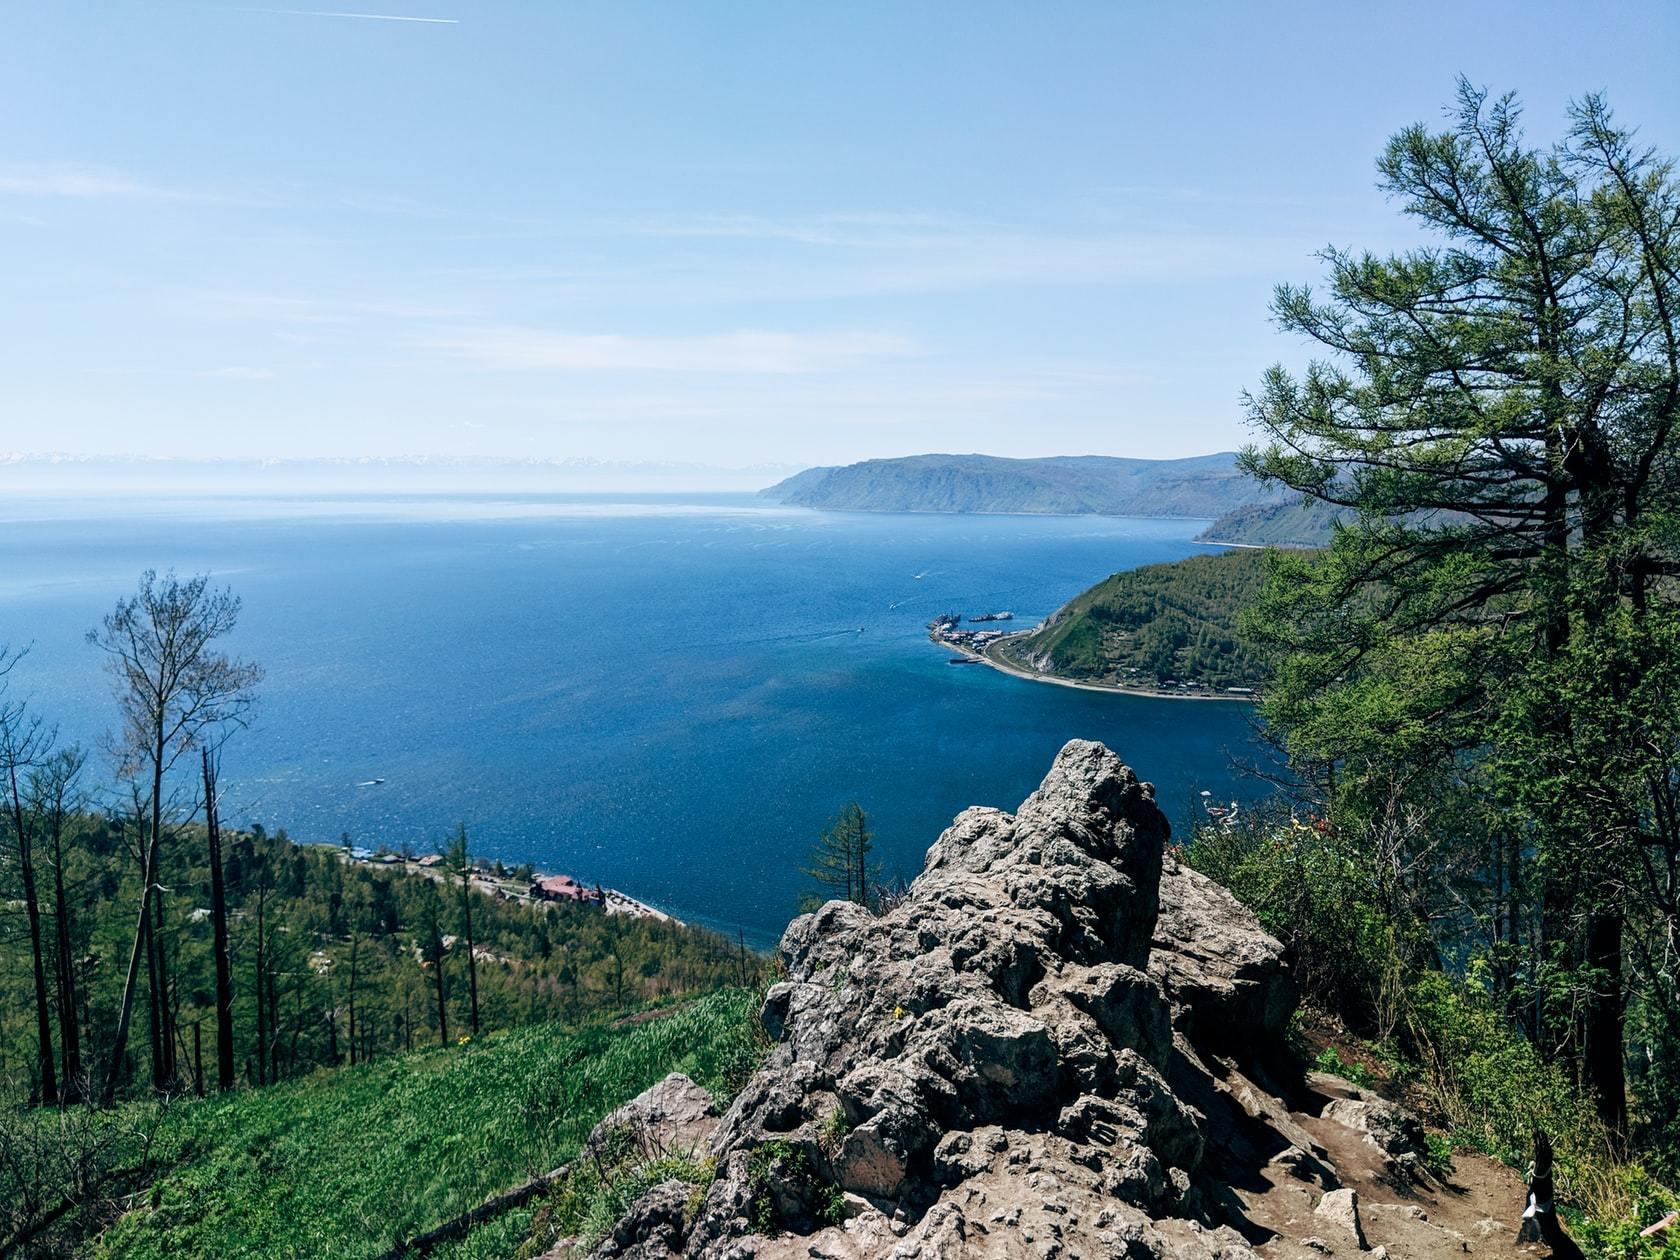 одном картинка с надписью озеро байкал камера всегда